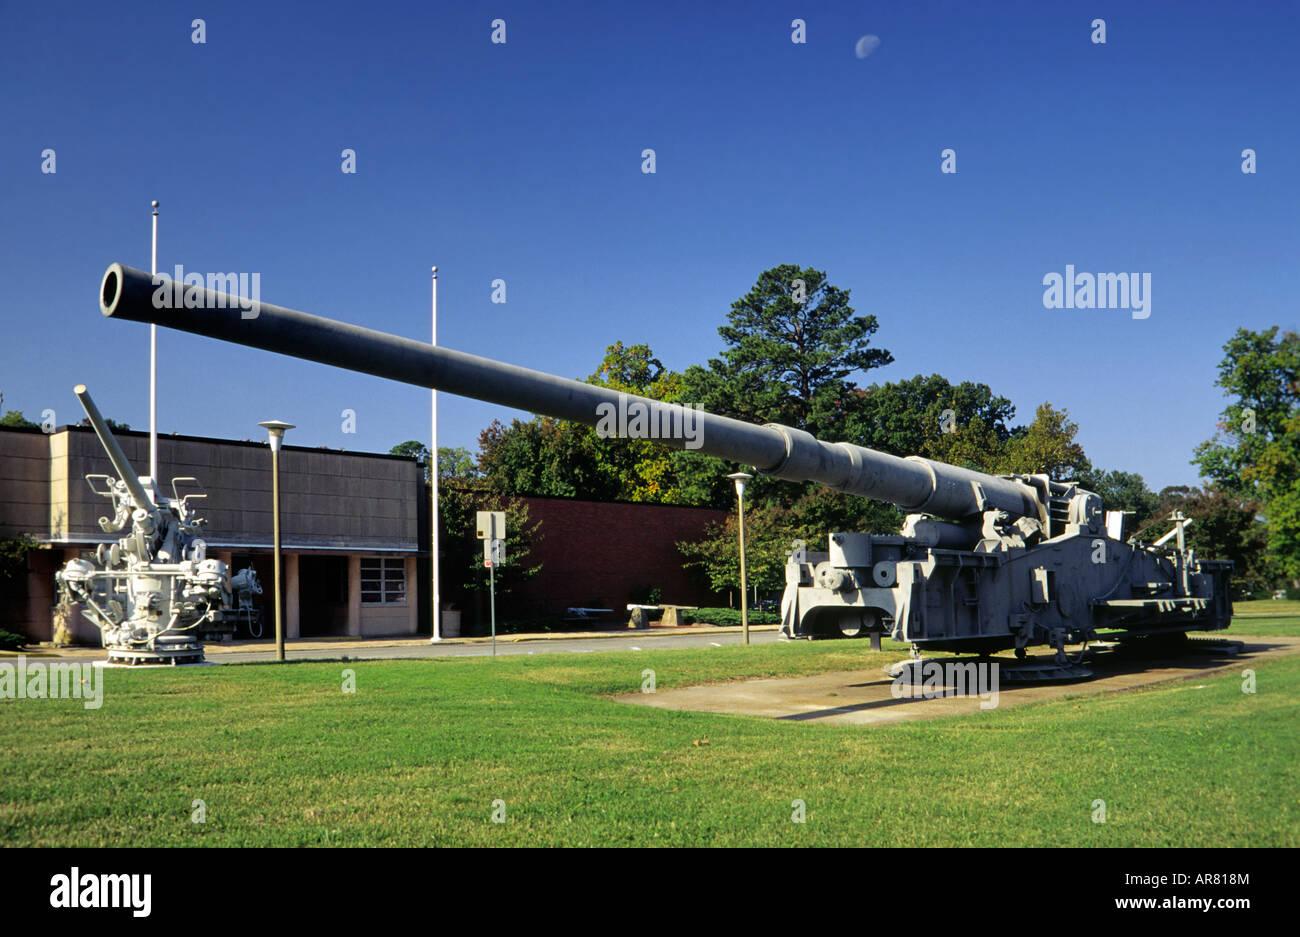 Mm T Gun Virginia War Museum Newport News Virginia USA Stock - Gun museums in usa